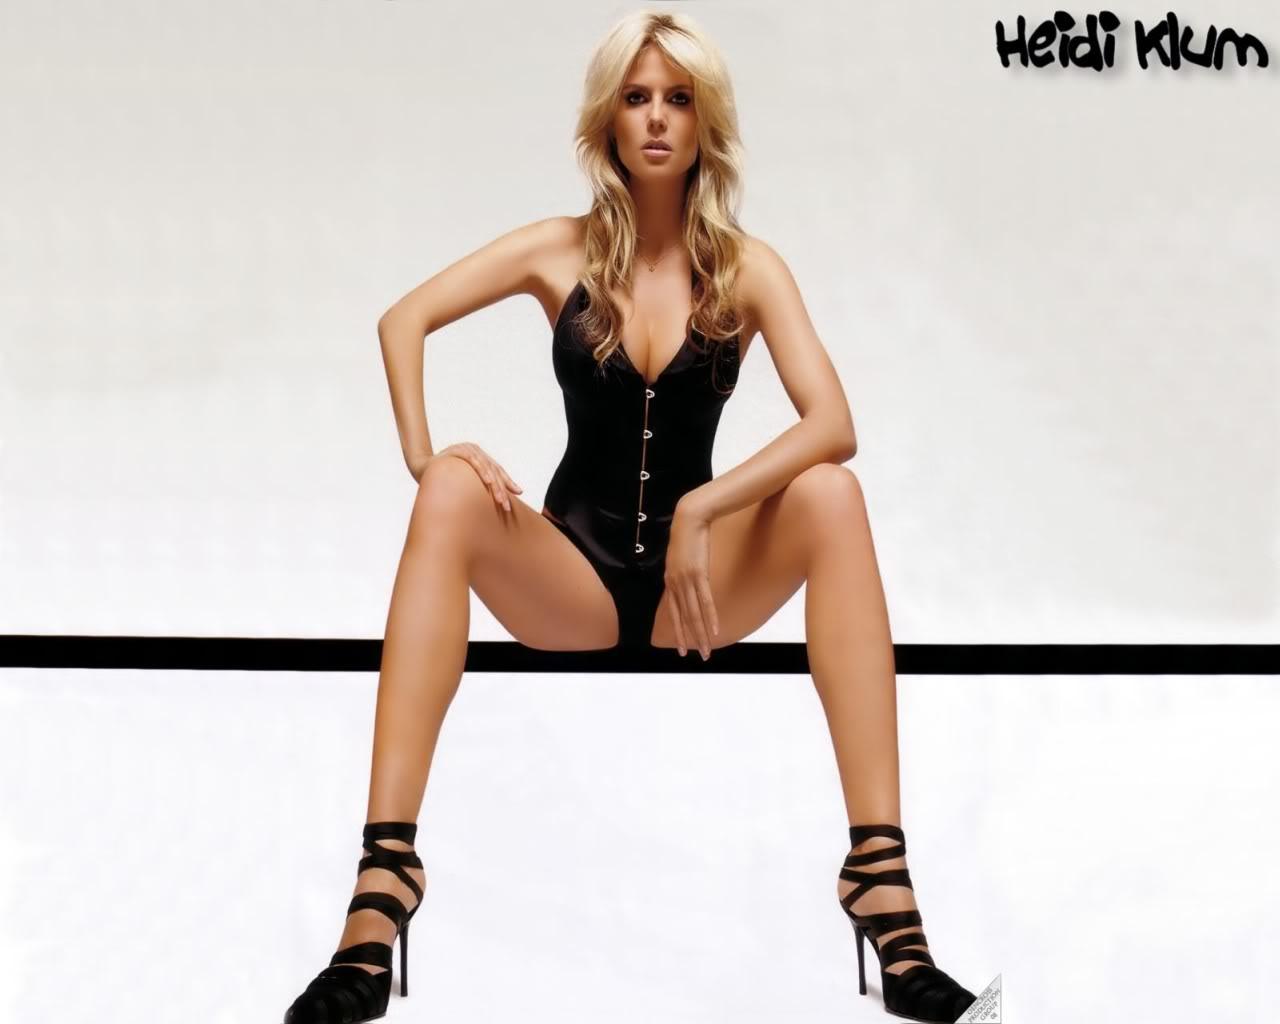 http://1.bp.blogspot.com/_fAHgSeJN7Uo/S78D4gphIRI/AAAAAAAAAkw/DjtrF3Pb7t8/s1600/Heidi+Klum+1.jpg